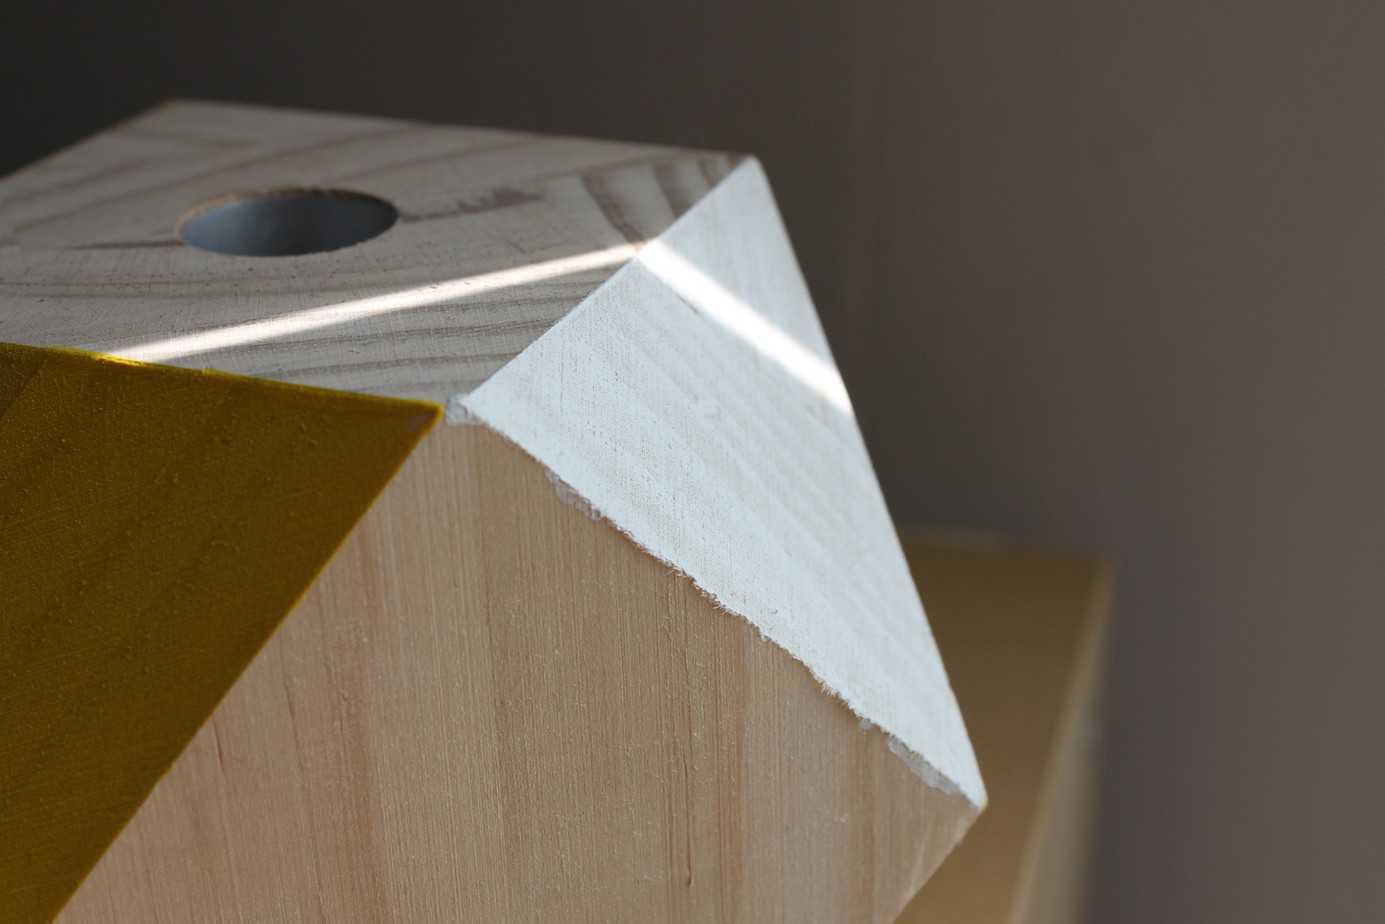 bougeoirs bois brut 2048x1366 - DIY : des bougeoirs géométriques en bois